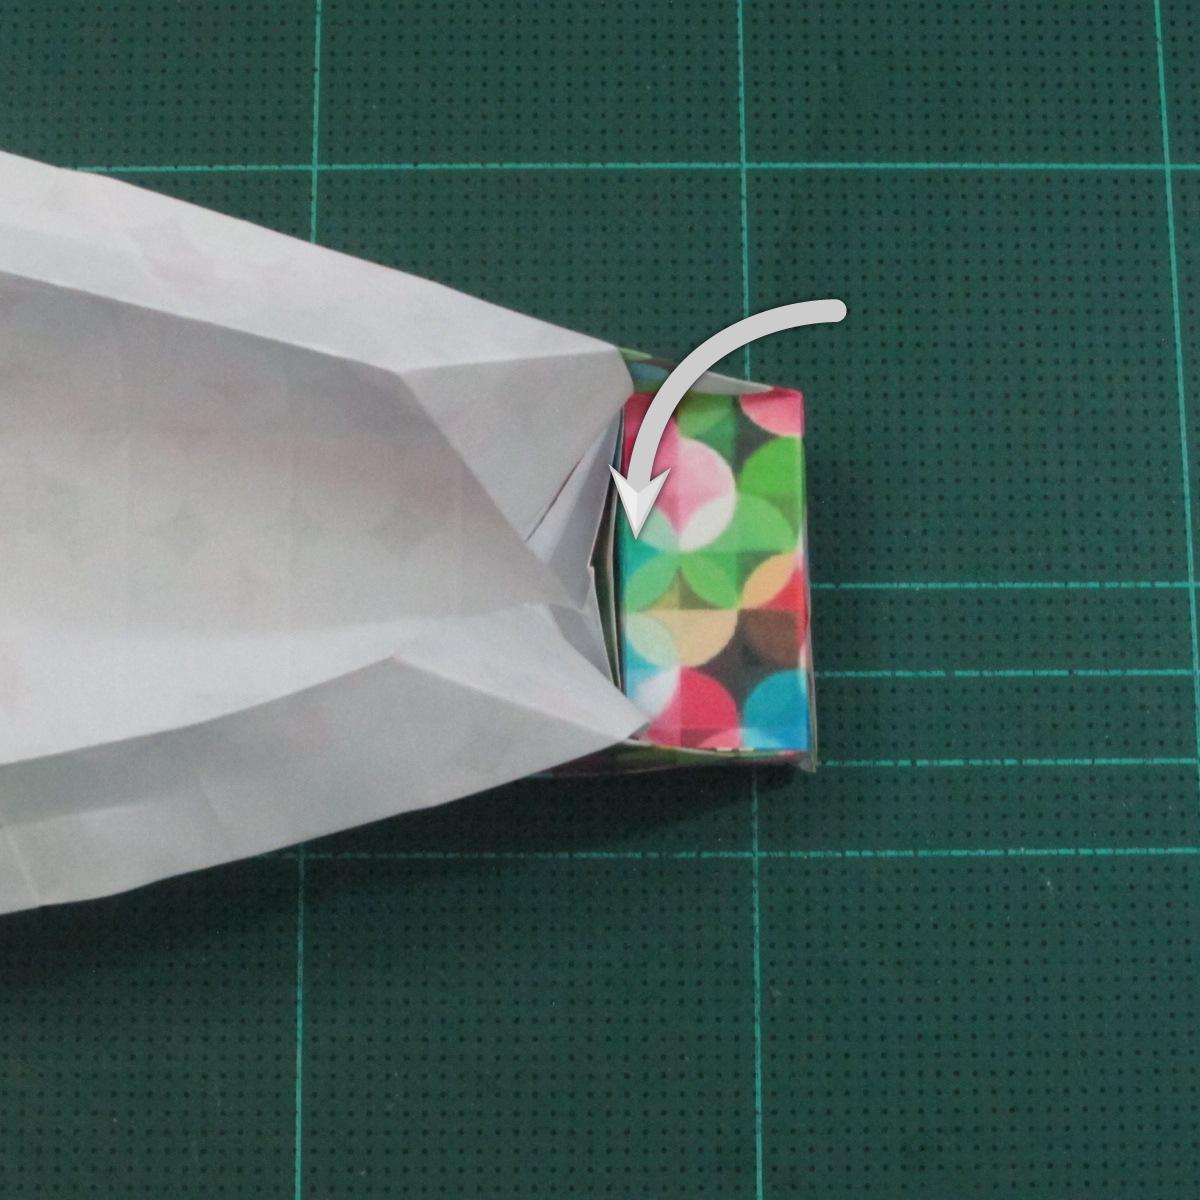 วิธีพับกล่องของขวัญแบบมีฝาปิด (Origami Present Box With Lid) 027